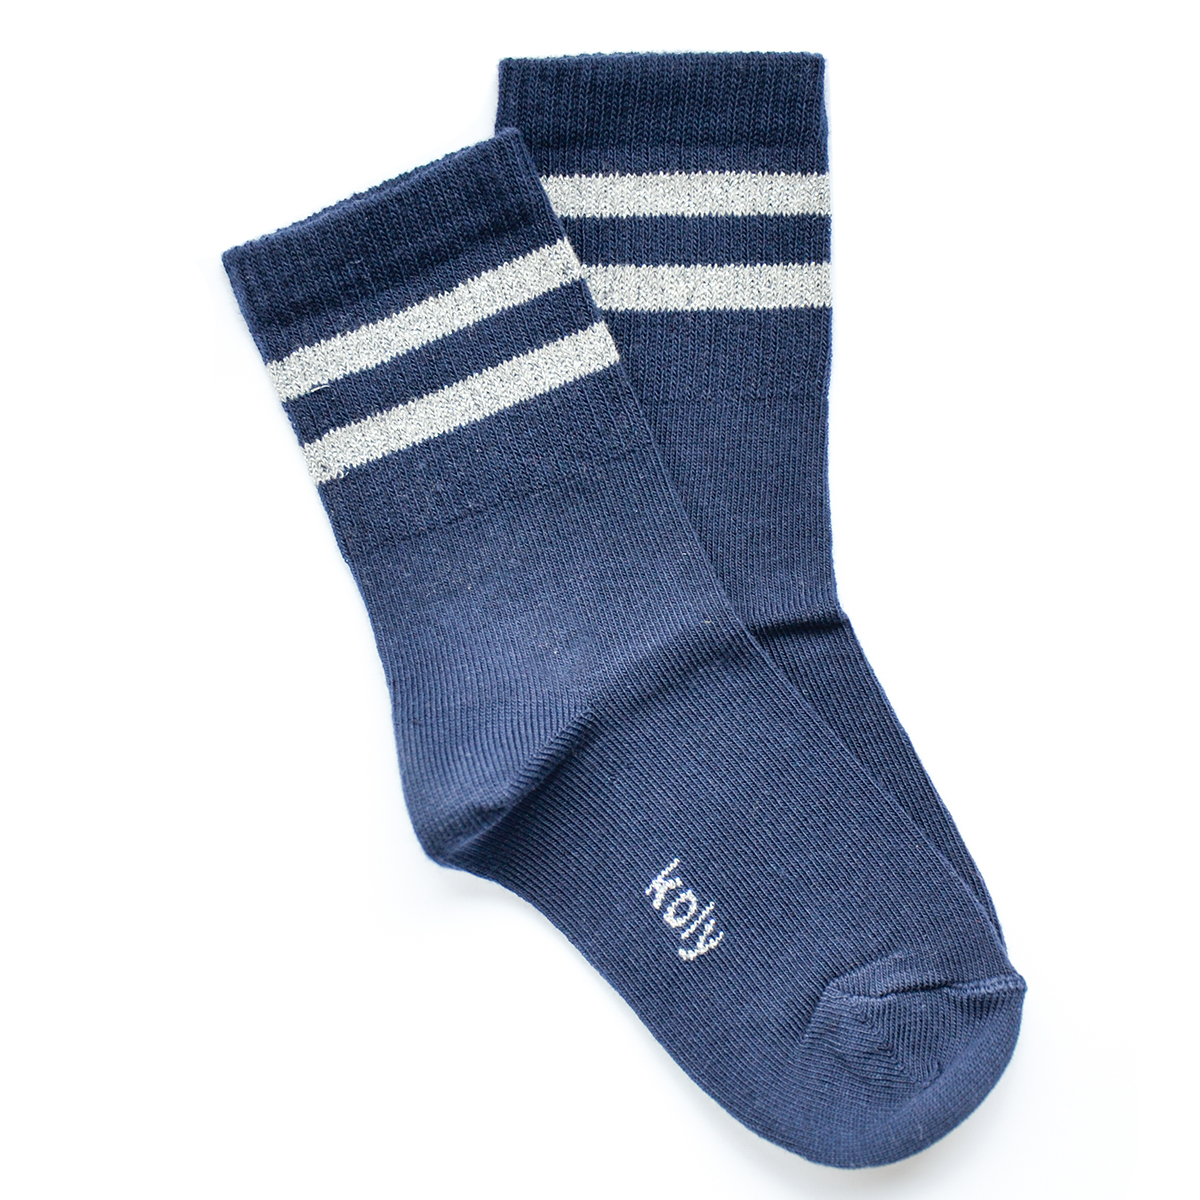 Ženska čarapa sa srebrno sjajnim prugama